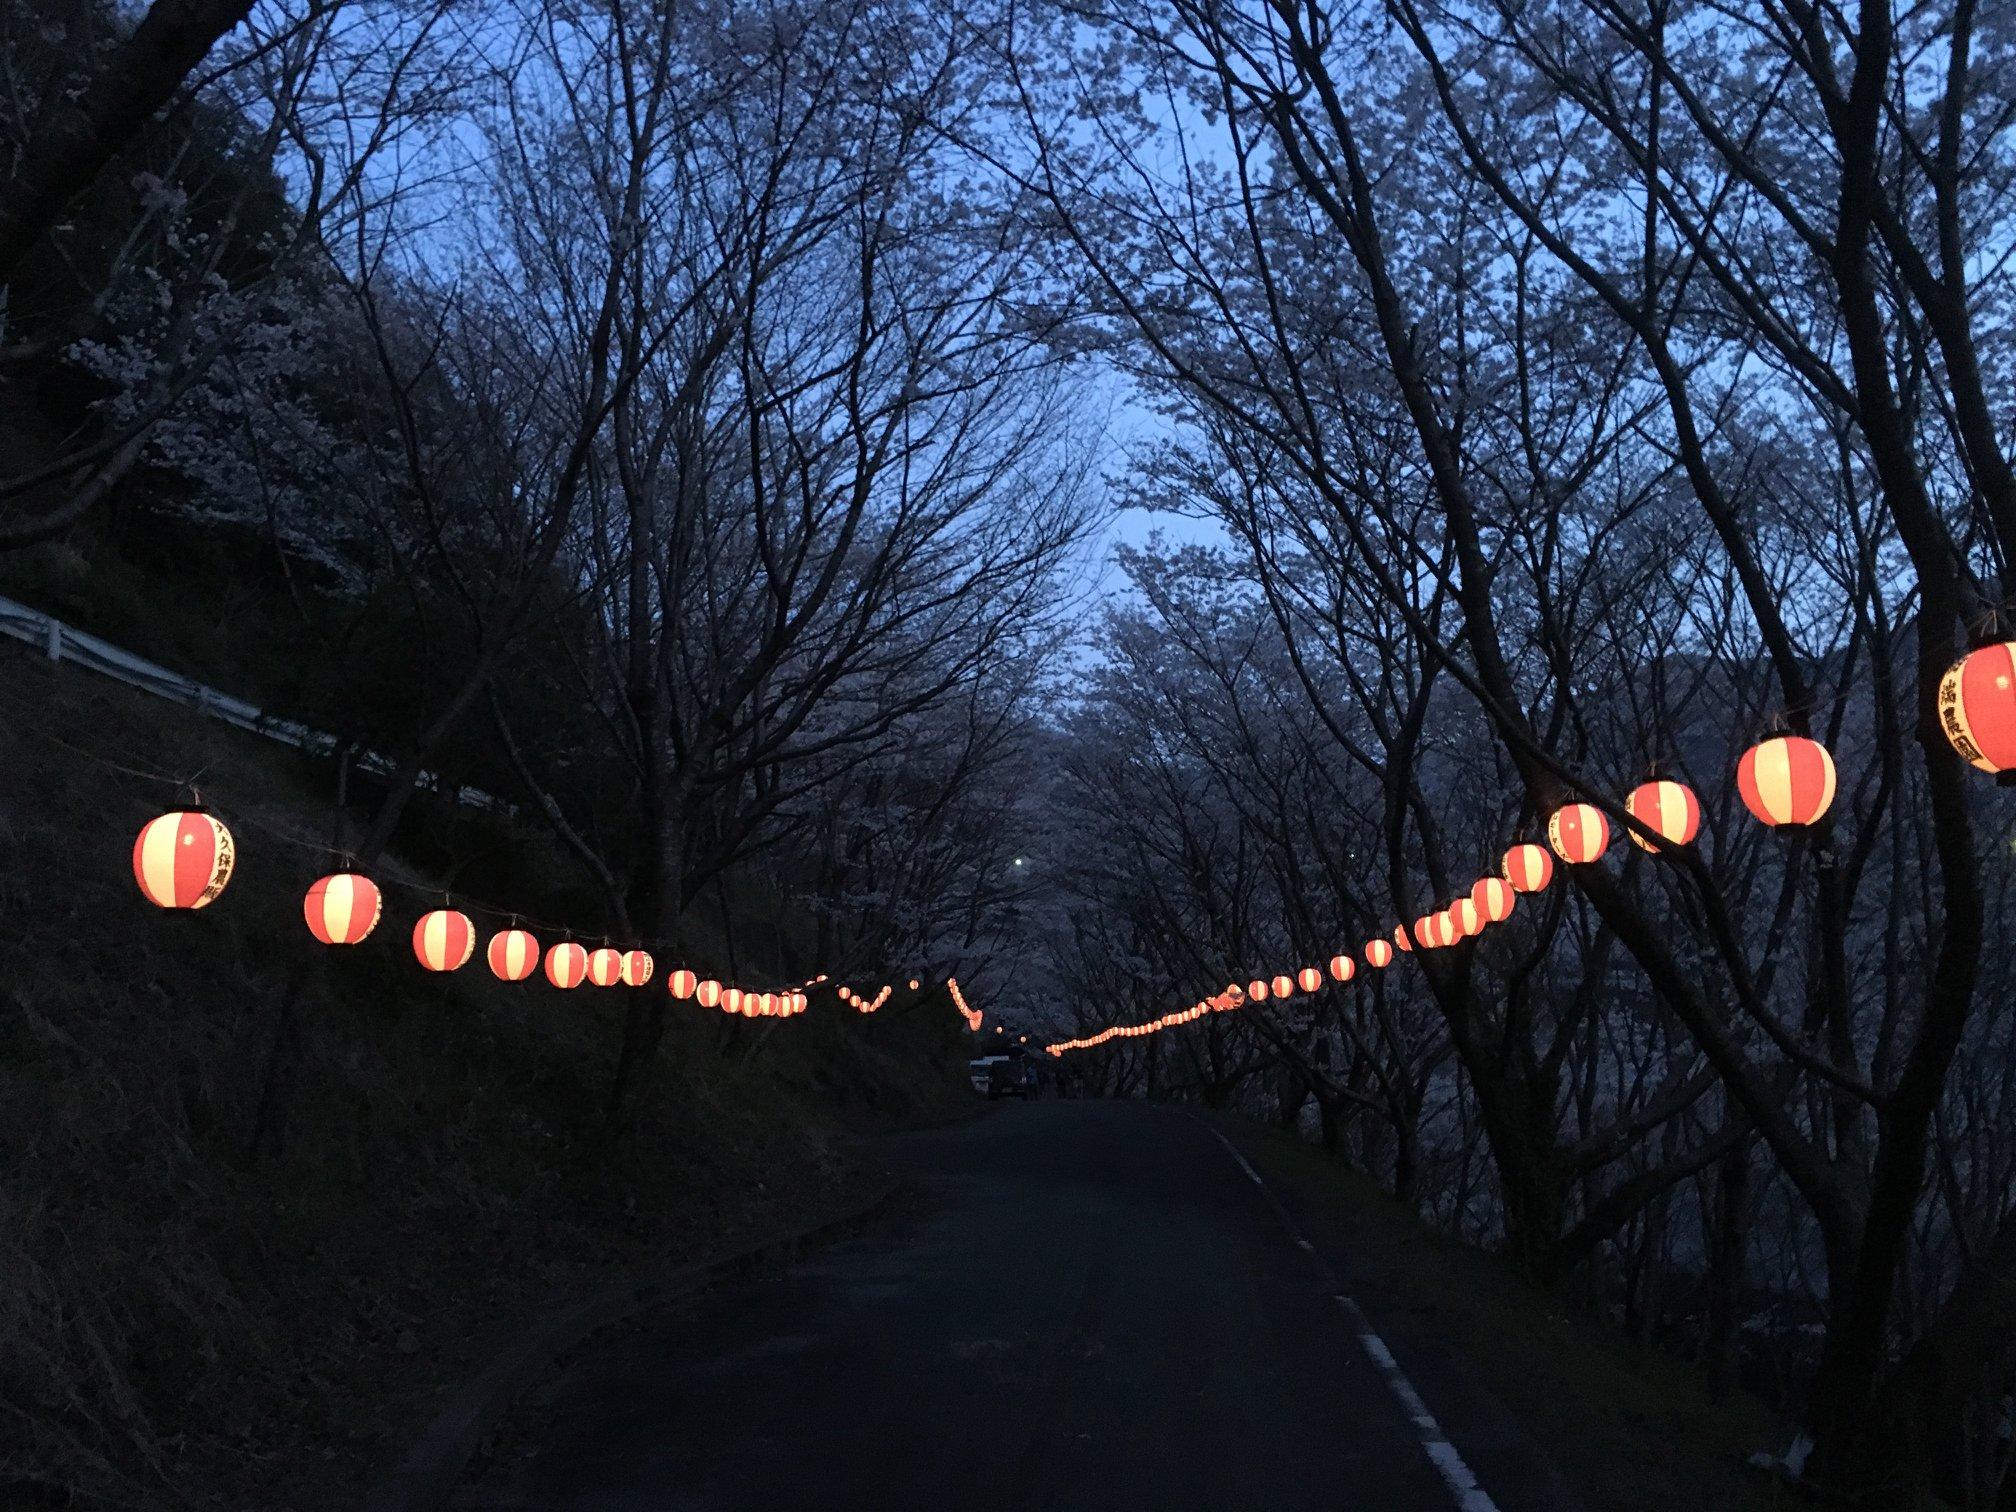 島之瀬ダム 桜の開花について